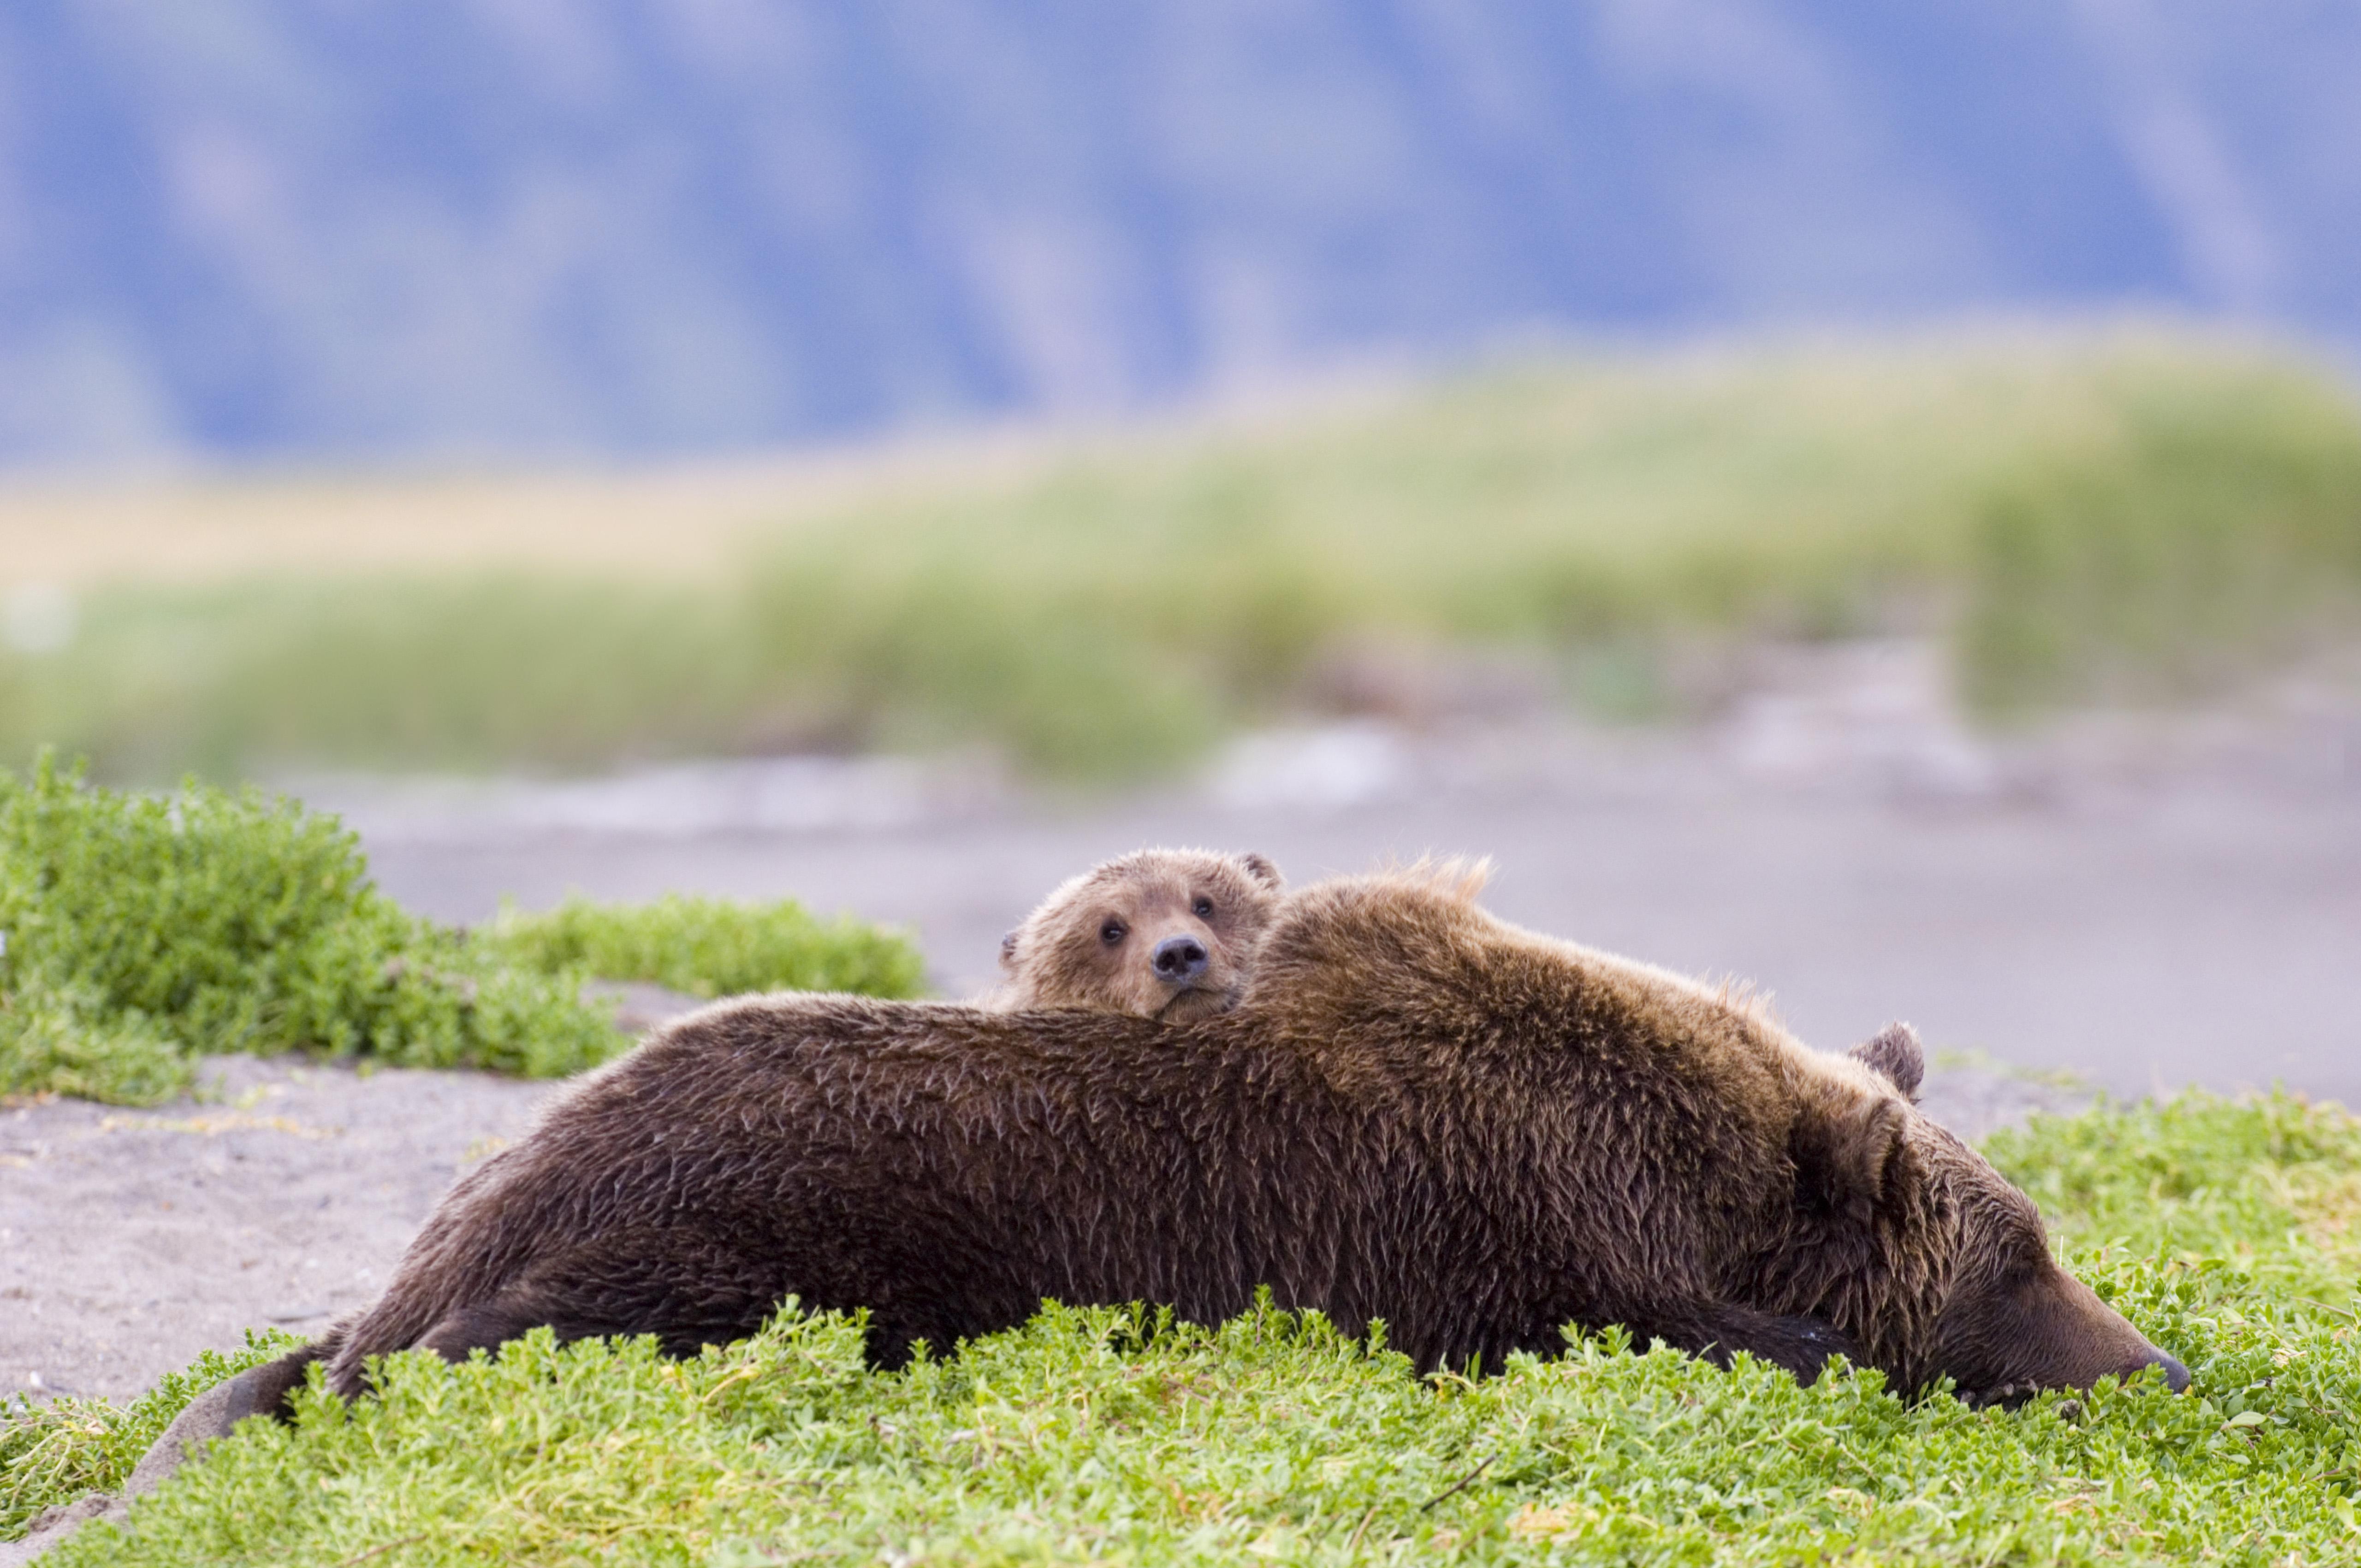 Brown Bear mother with cub, Ursos arctos, Katmai Alaska